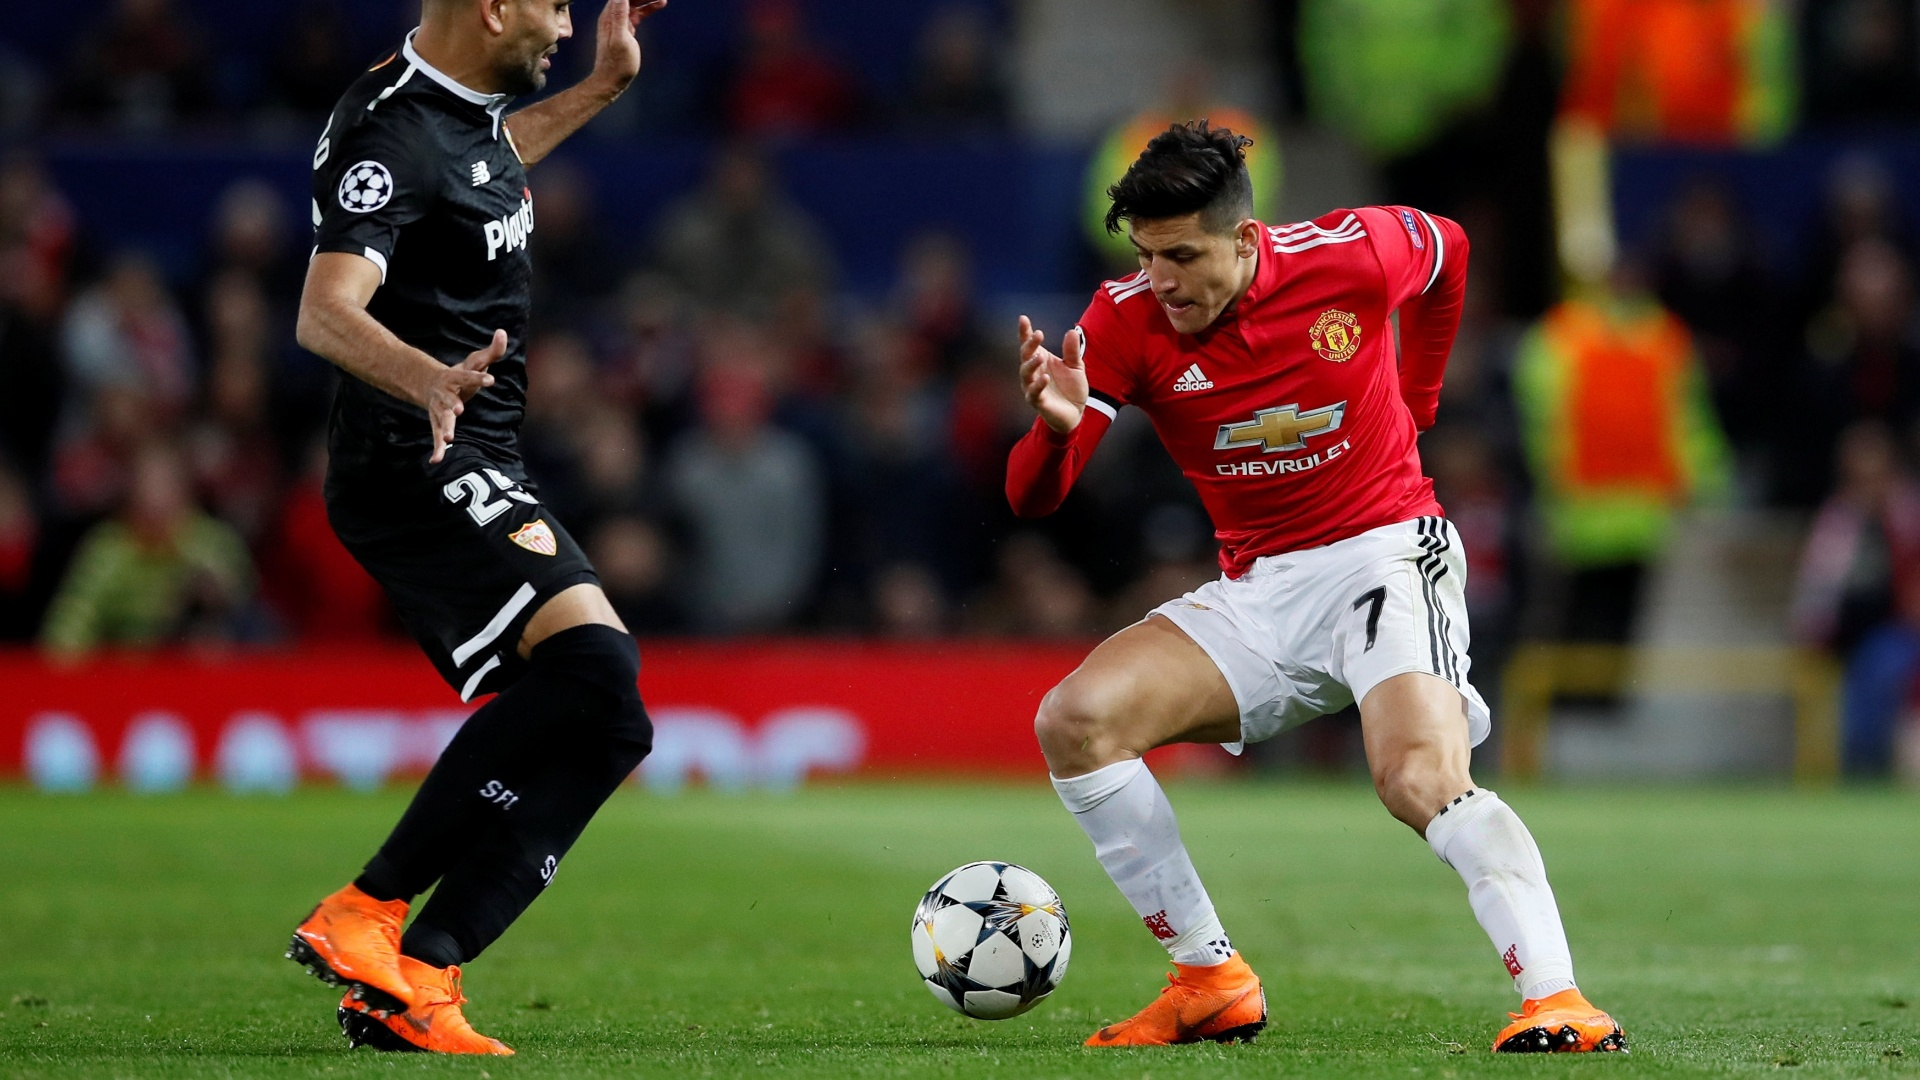 Alexis Sánchez encara a marcação de Gabriel Mercado na partida Manchester United x Sevilla pela Liga dos Campeões